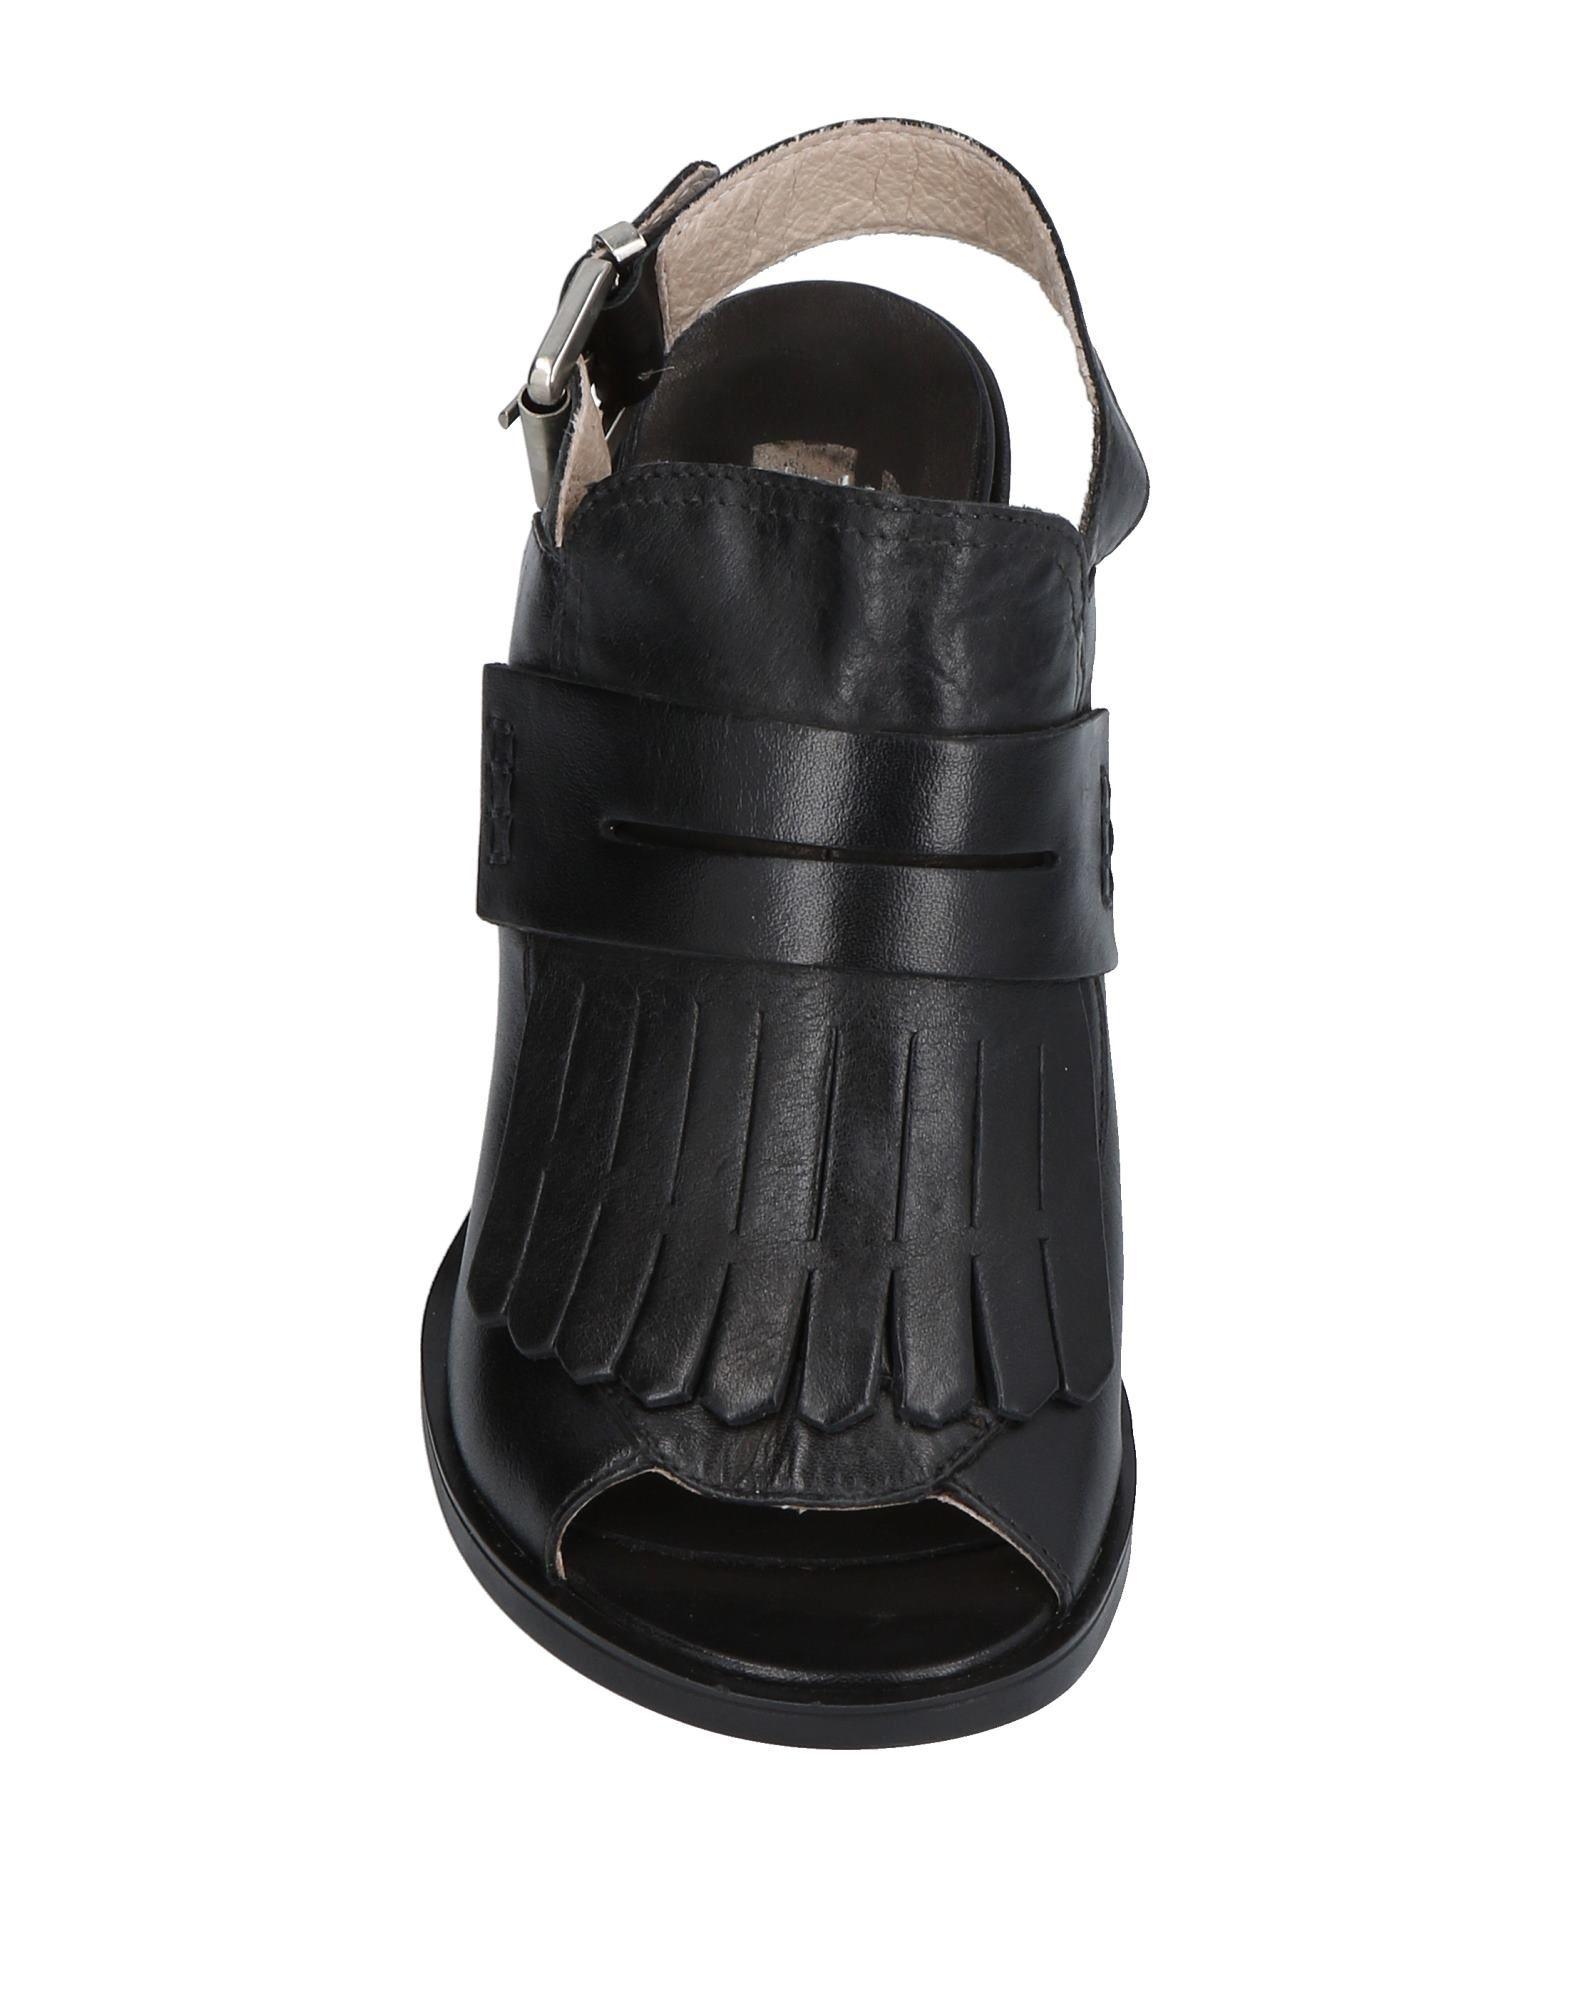 Hangar Gute Sandalen Damen  11467574TS Gute Hangar Qualität beliebte Schuhe bc7370